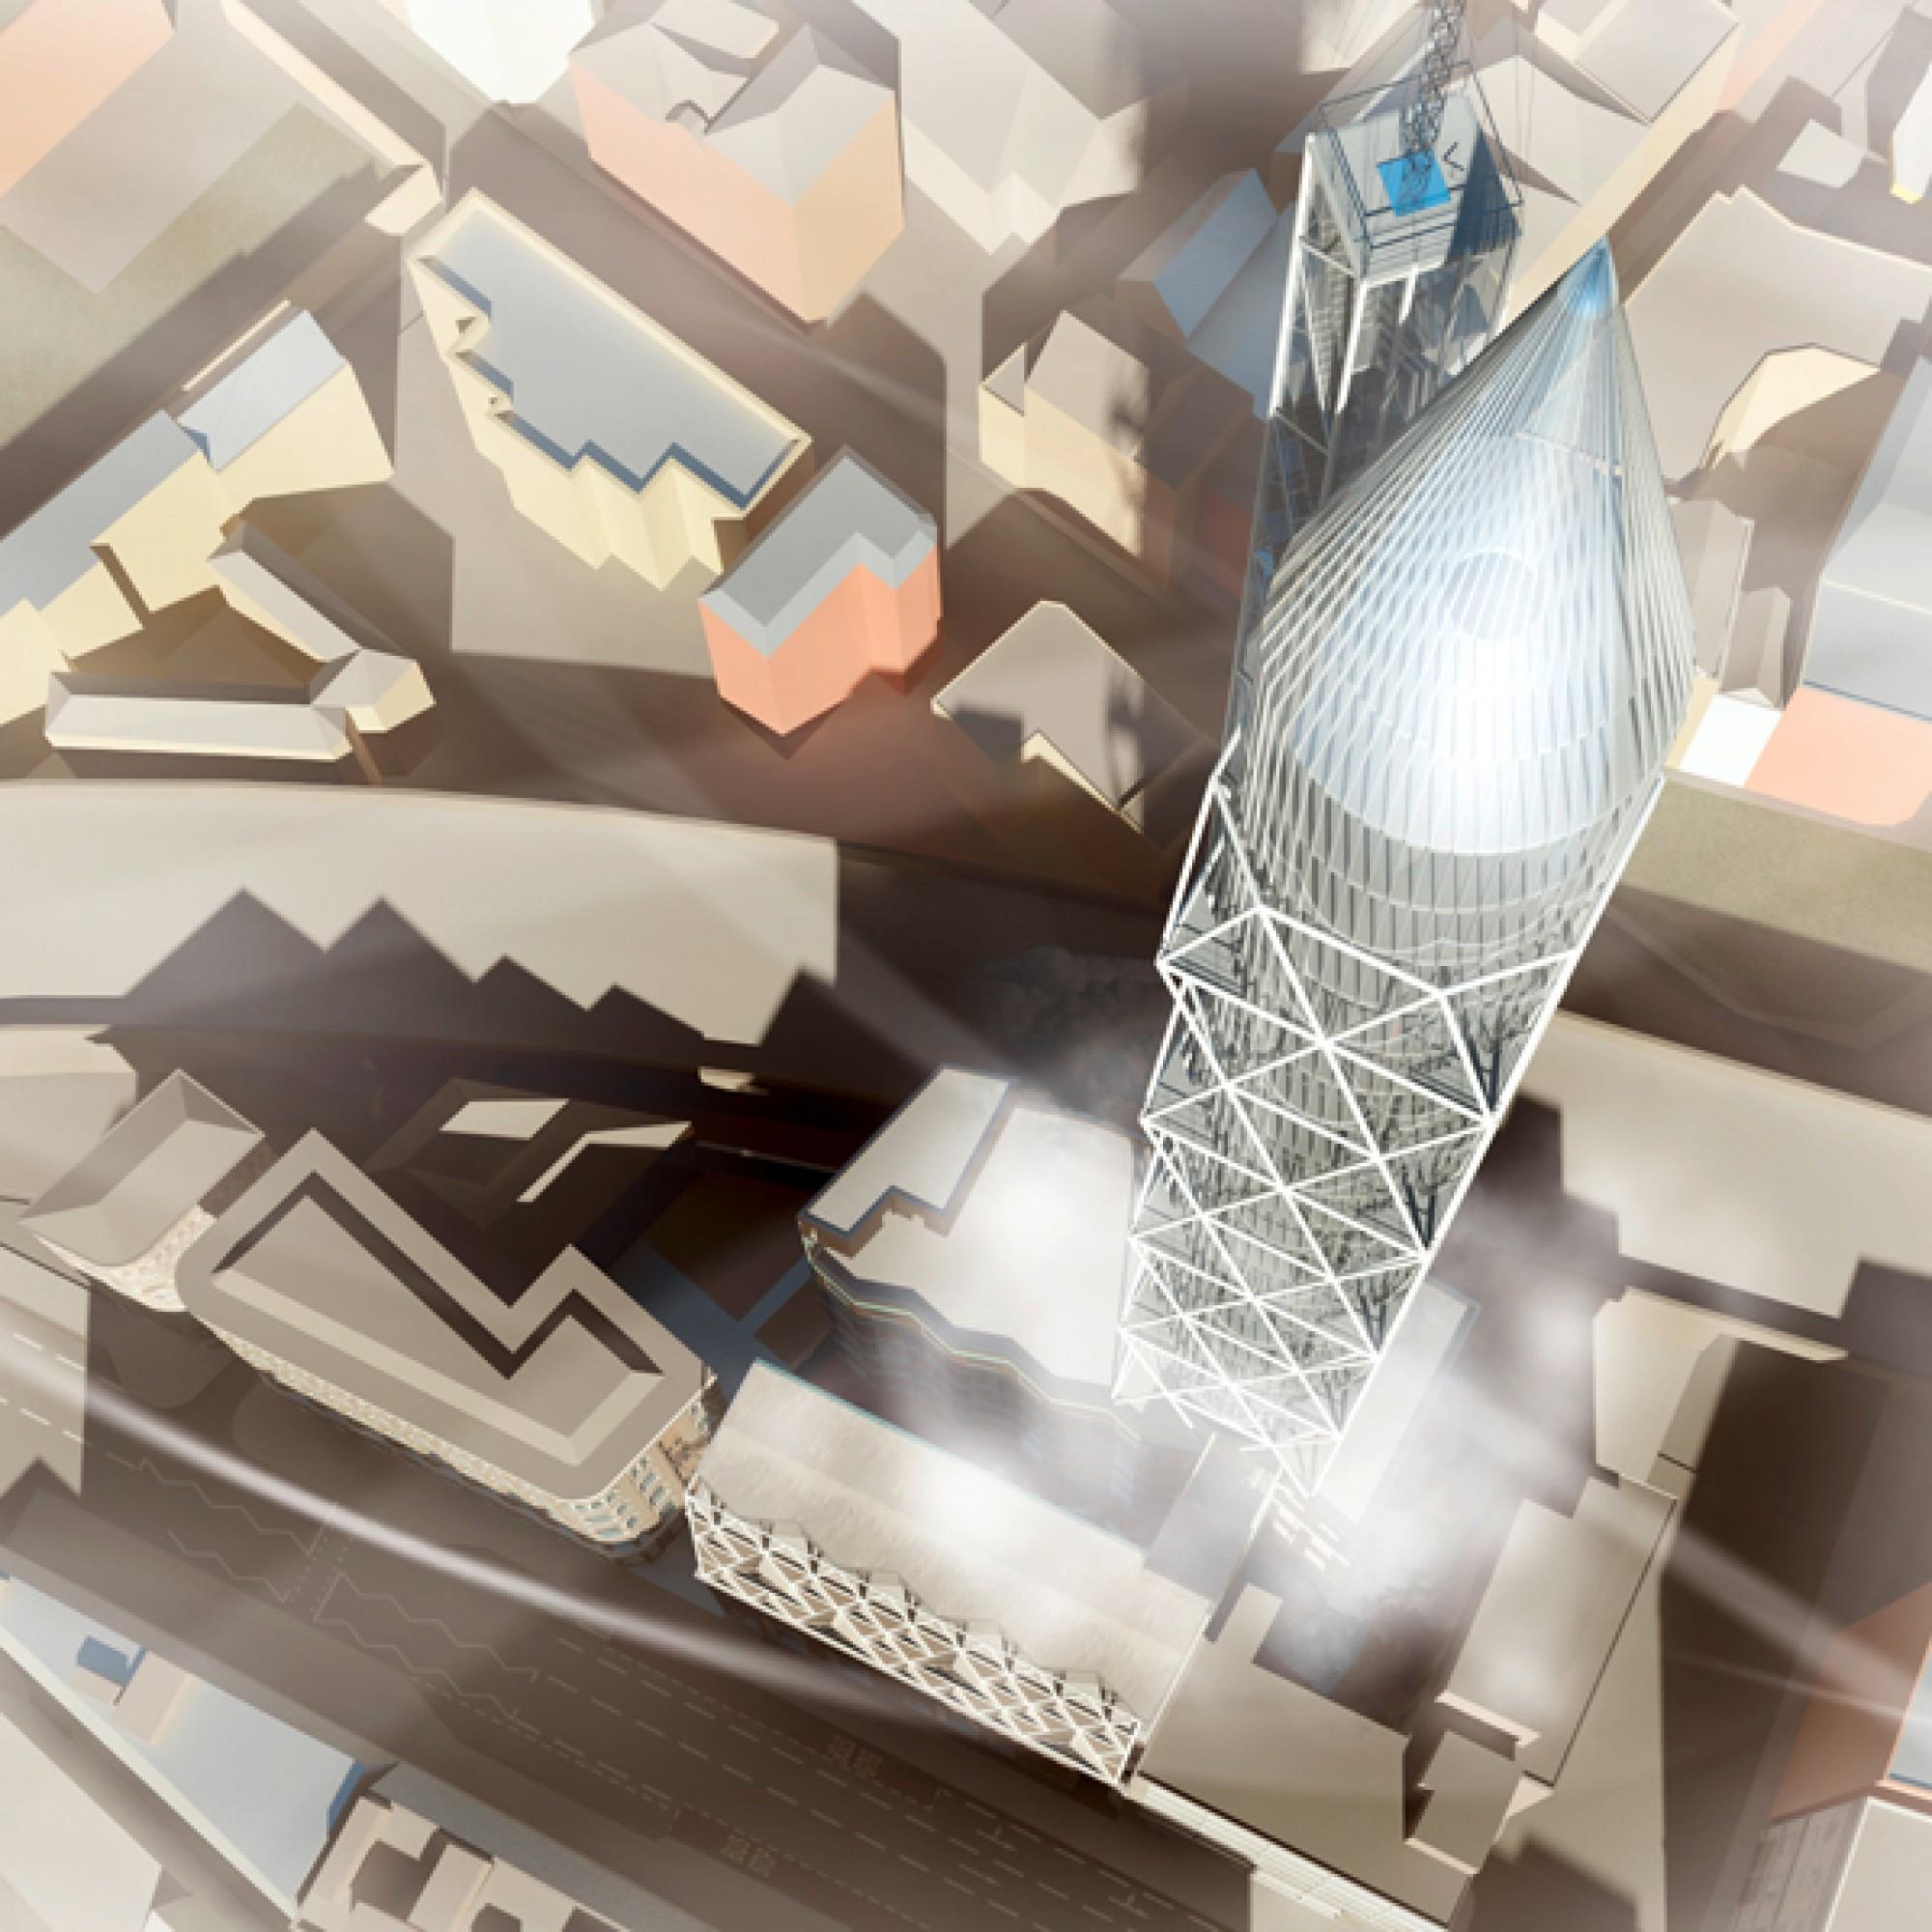 Ein Komplex wie ein Raketenstartgelände? Der Juri-Gagarin-Turm und seine Umgebung. (zvg) 1/5